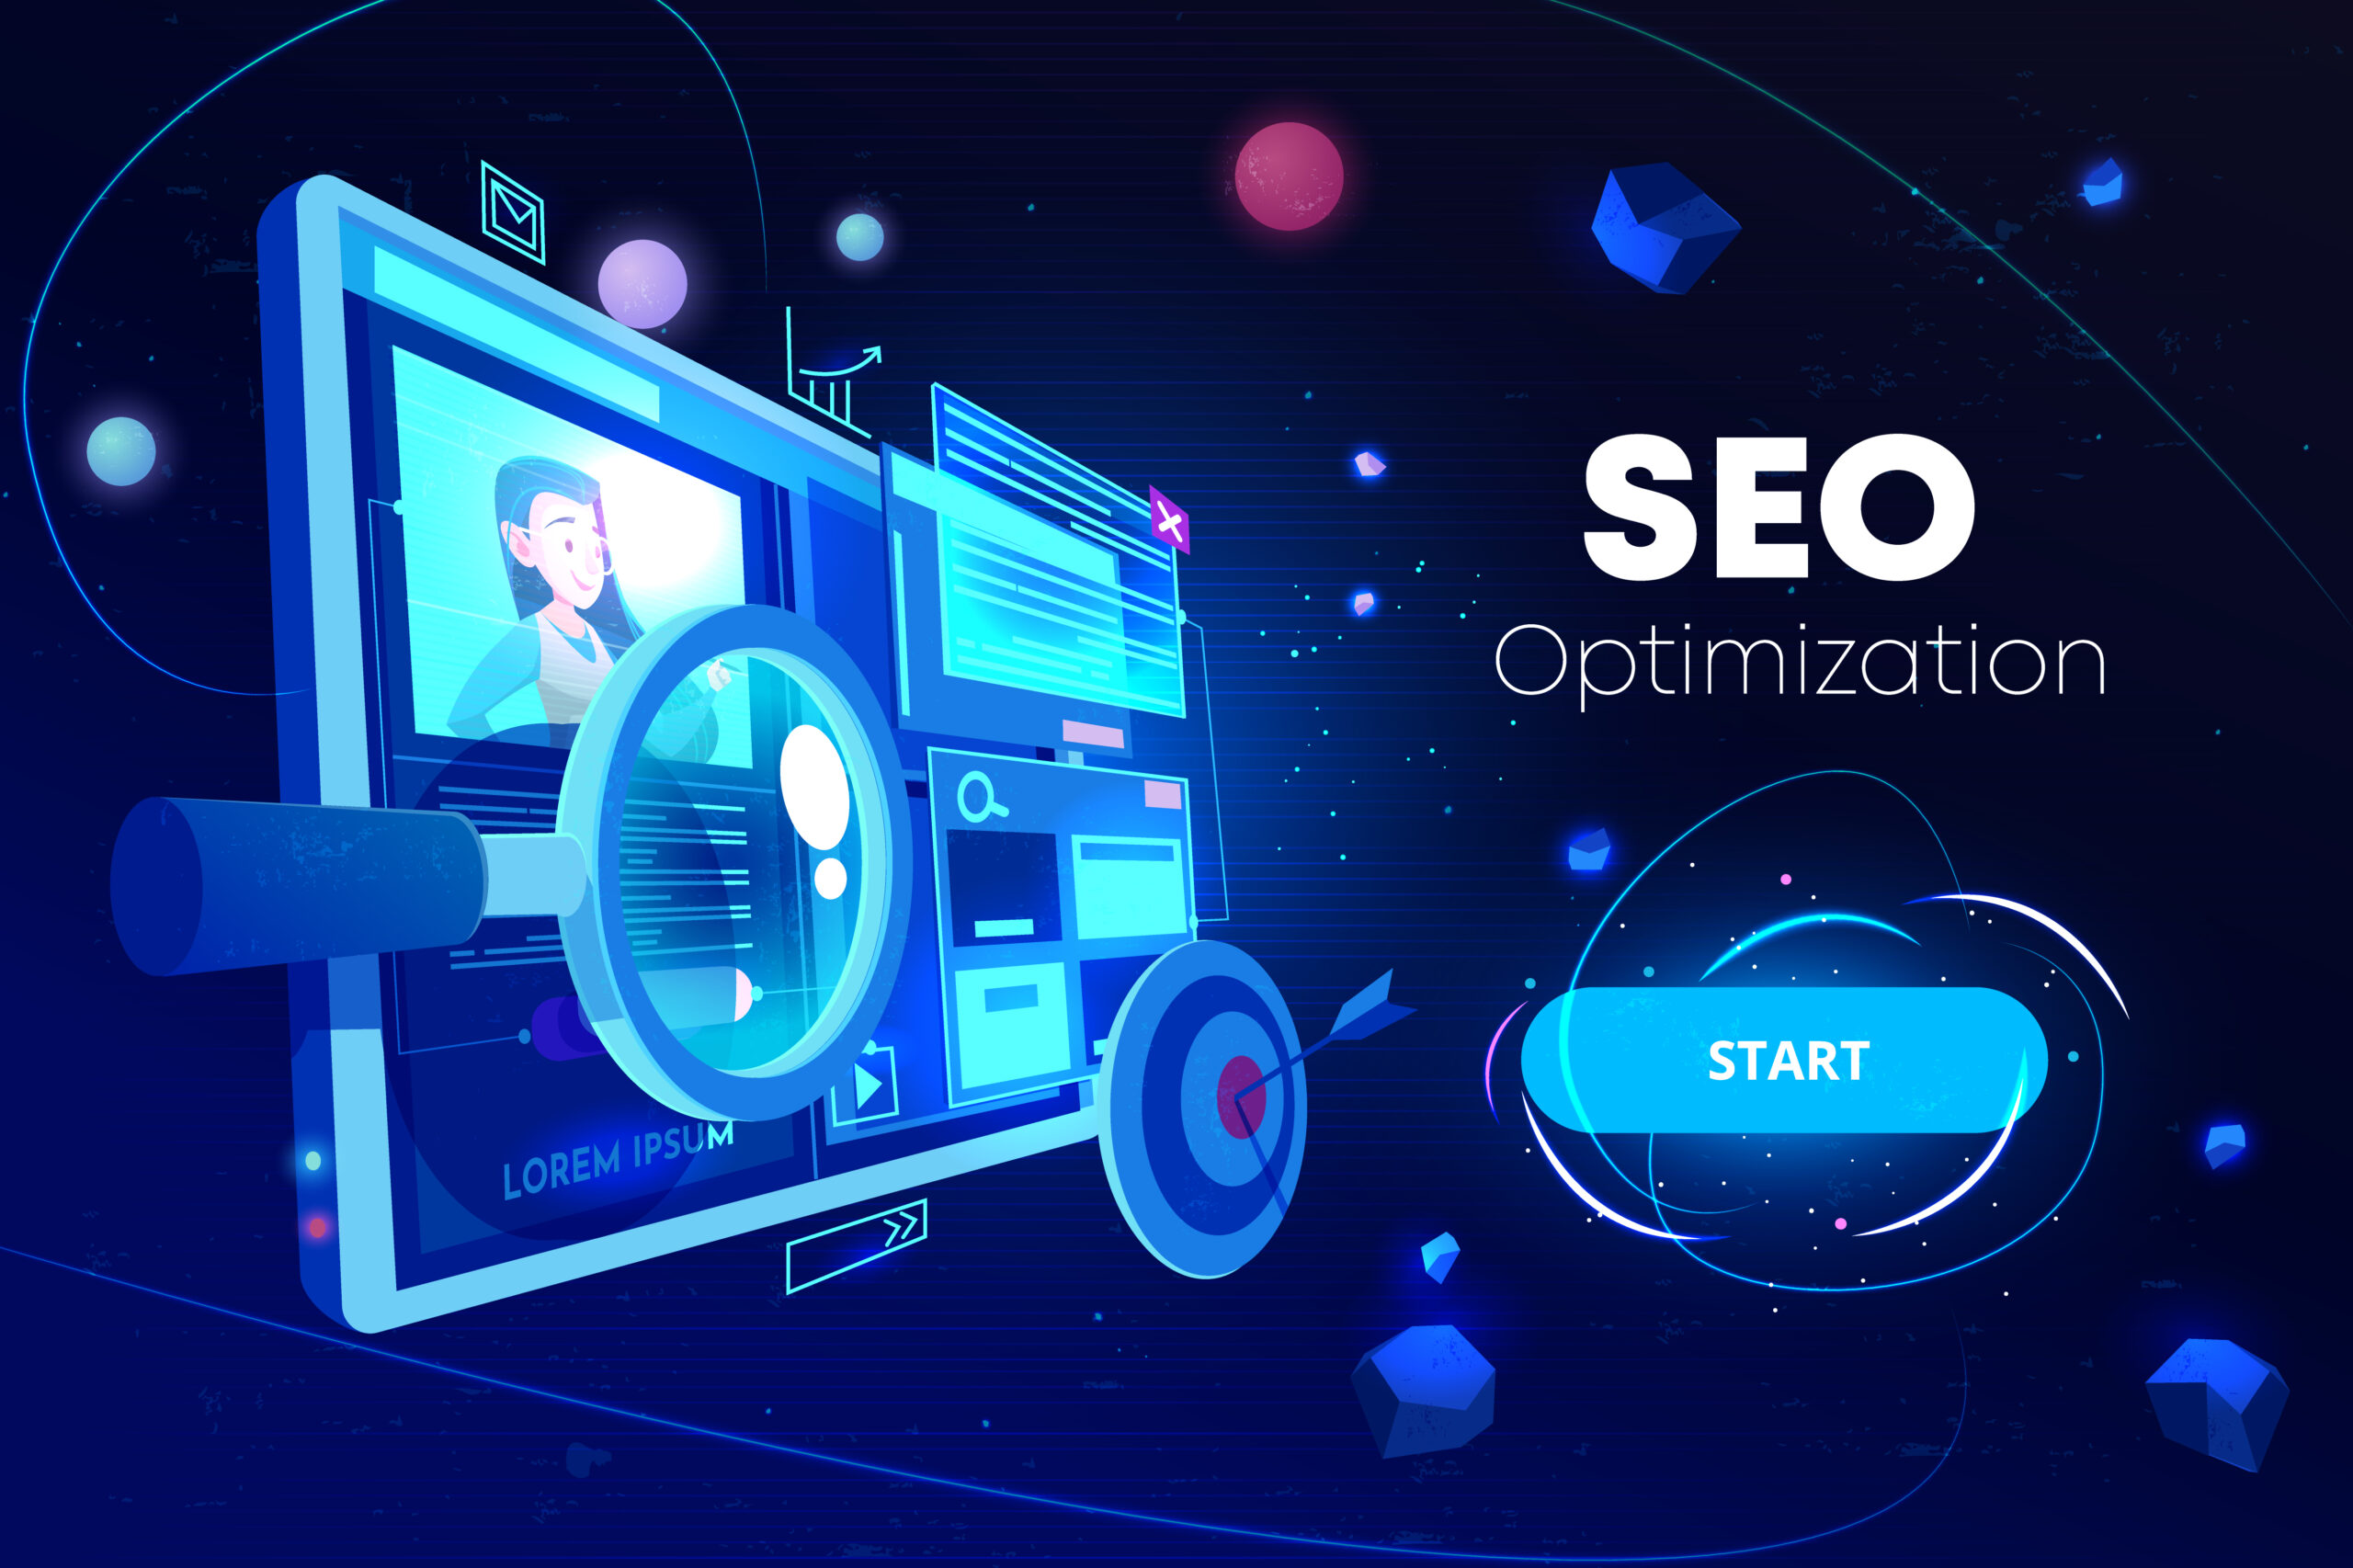 Seo optimization, marketing business technology